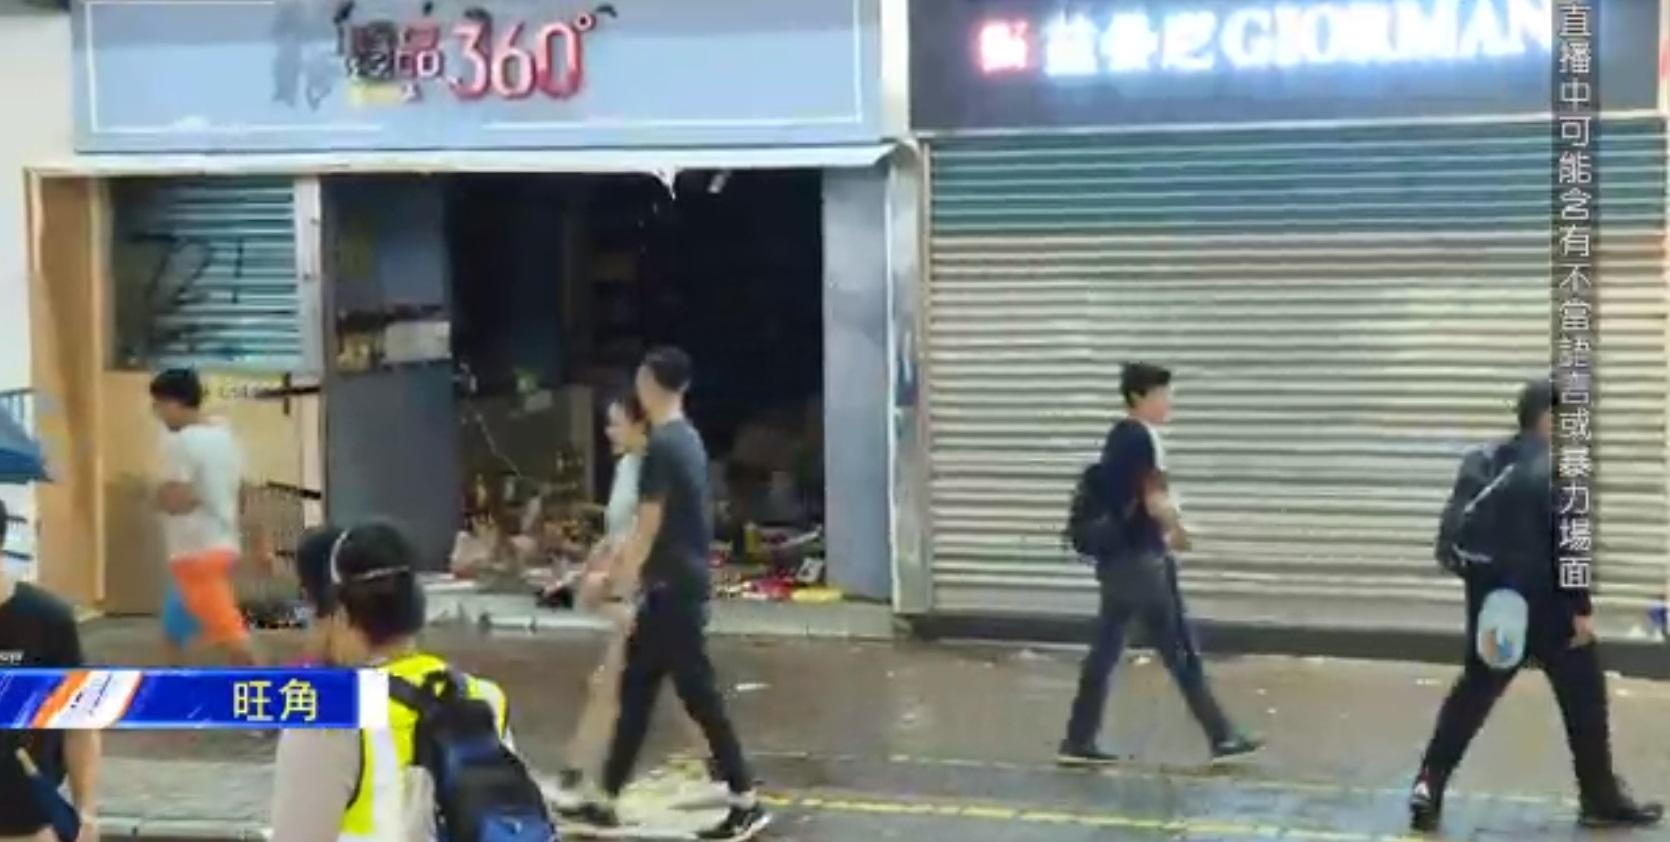 【修例风波】九巴车表长吸催泪烟不适送院 零食店遭捣乱木板当路障